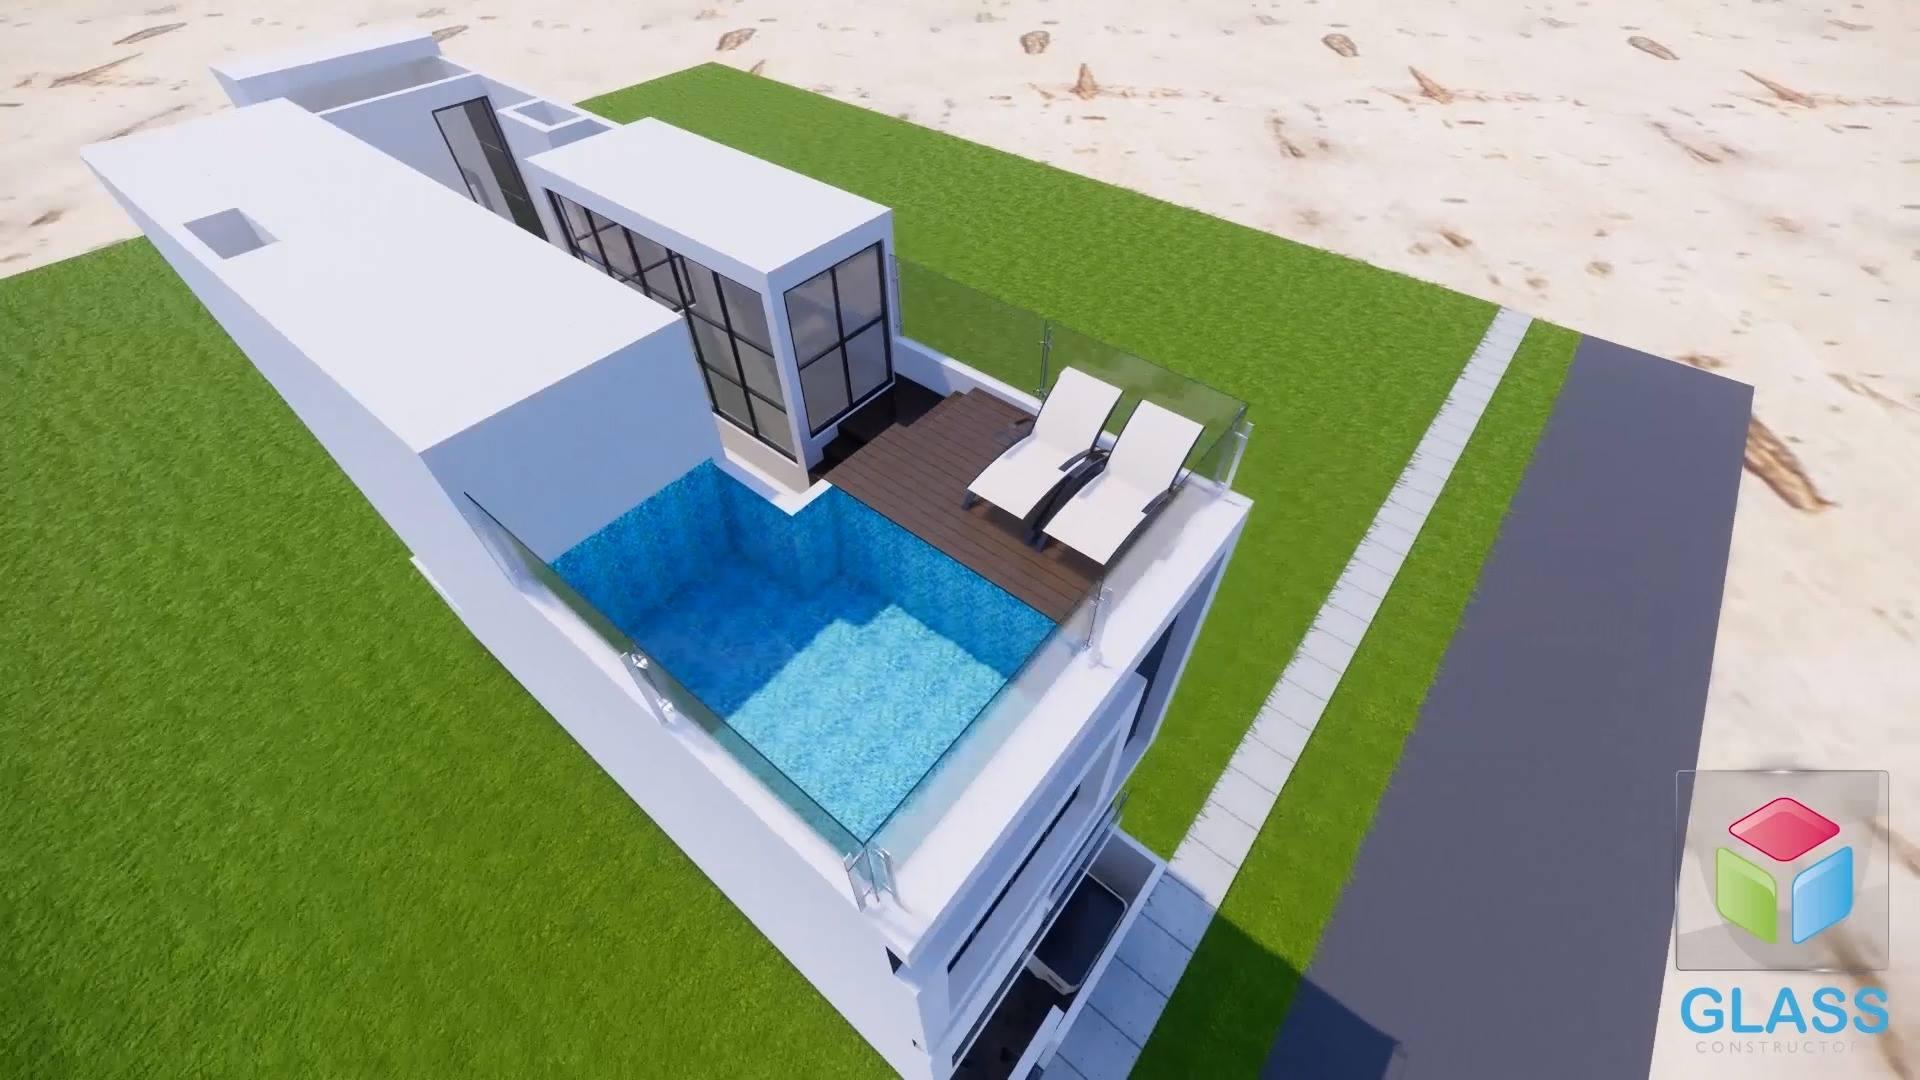 Edificio Bifamiliar en Sullana - Piura - Perú